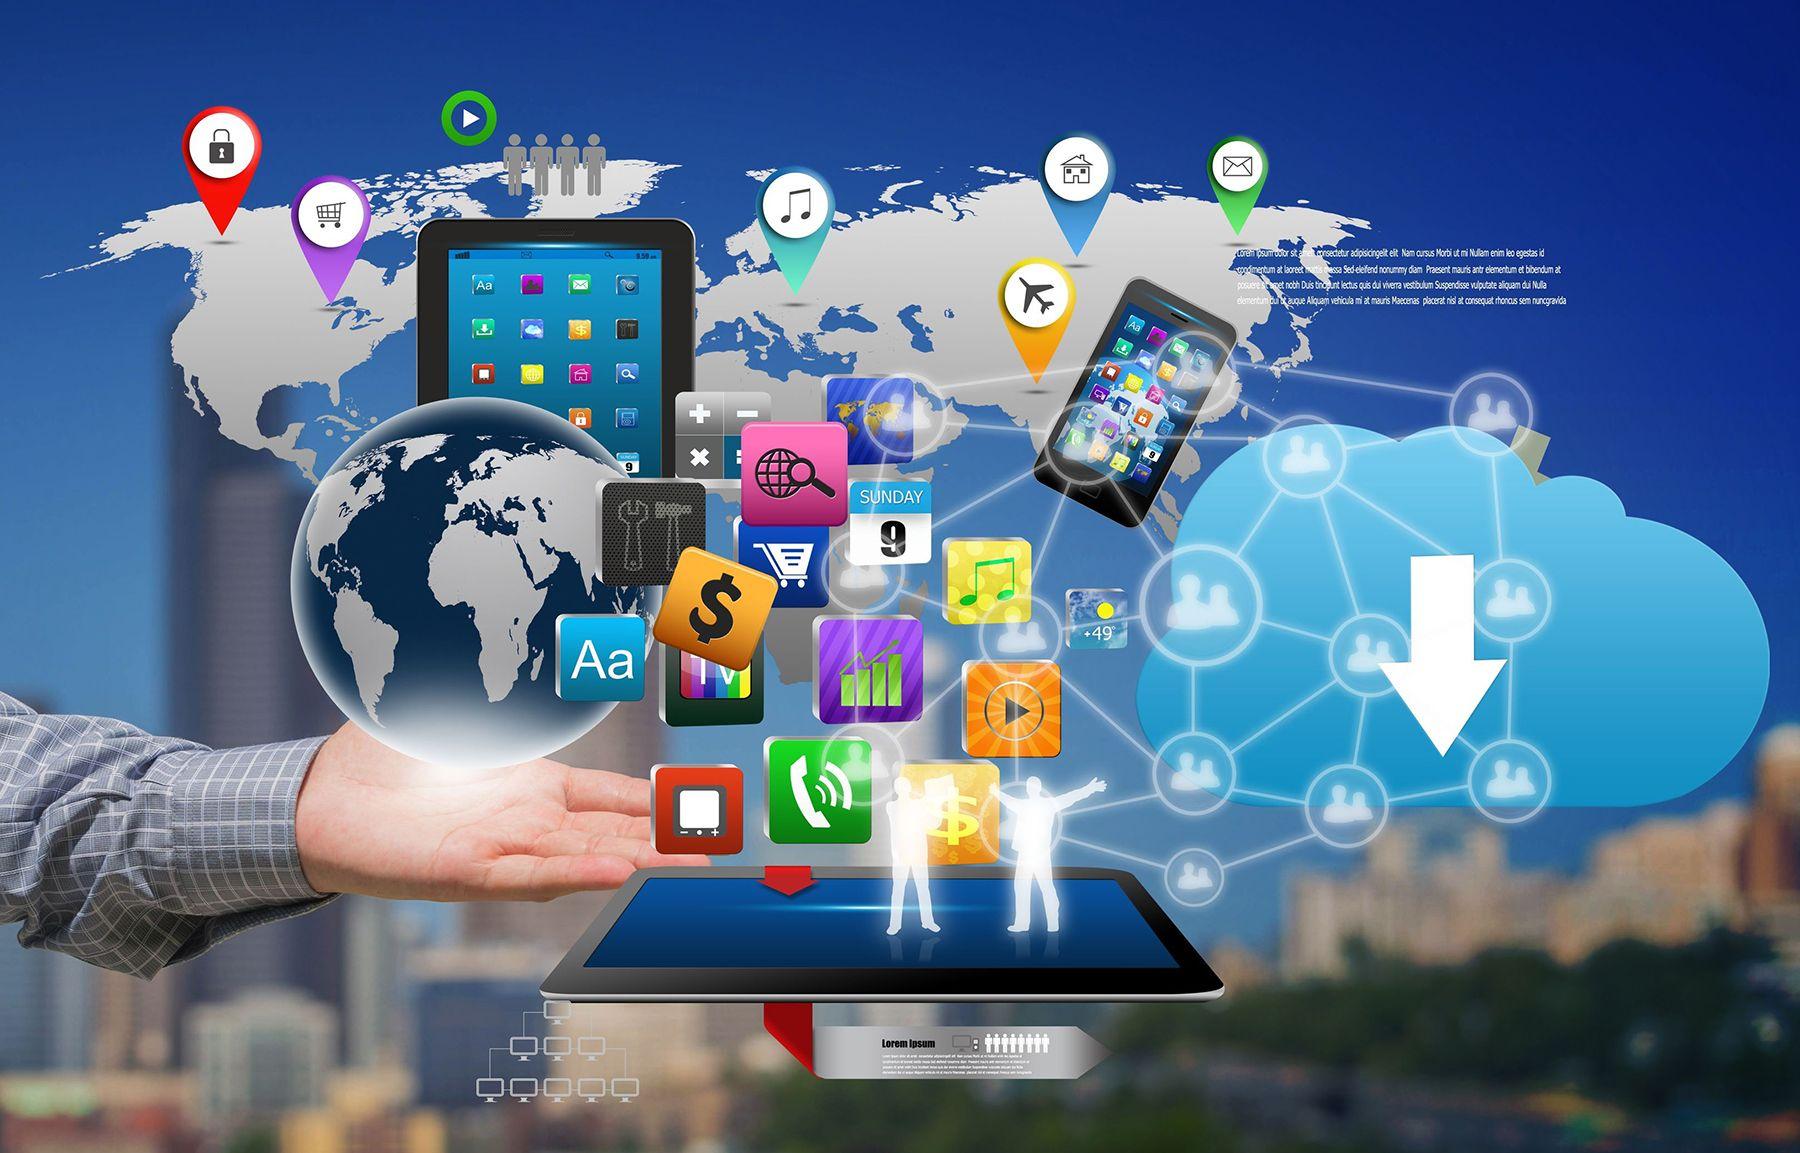 Ежегодный краевой конкурс «ISFIT» для будущих IT-специалистов во ВГУЭС: принять участие можно до 20 марта 2021 года